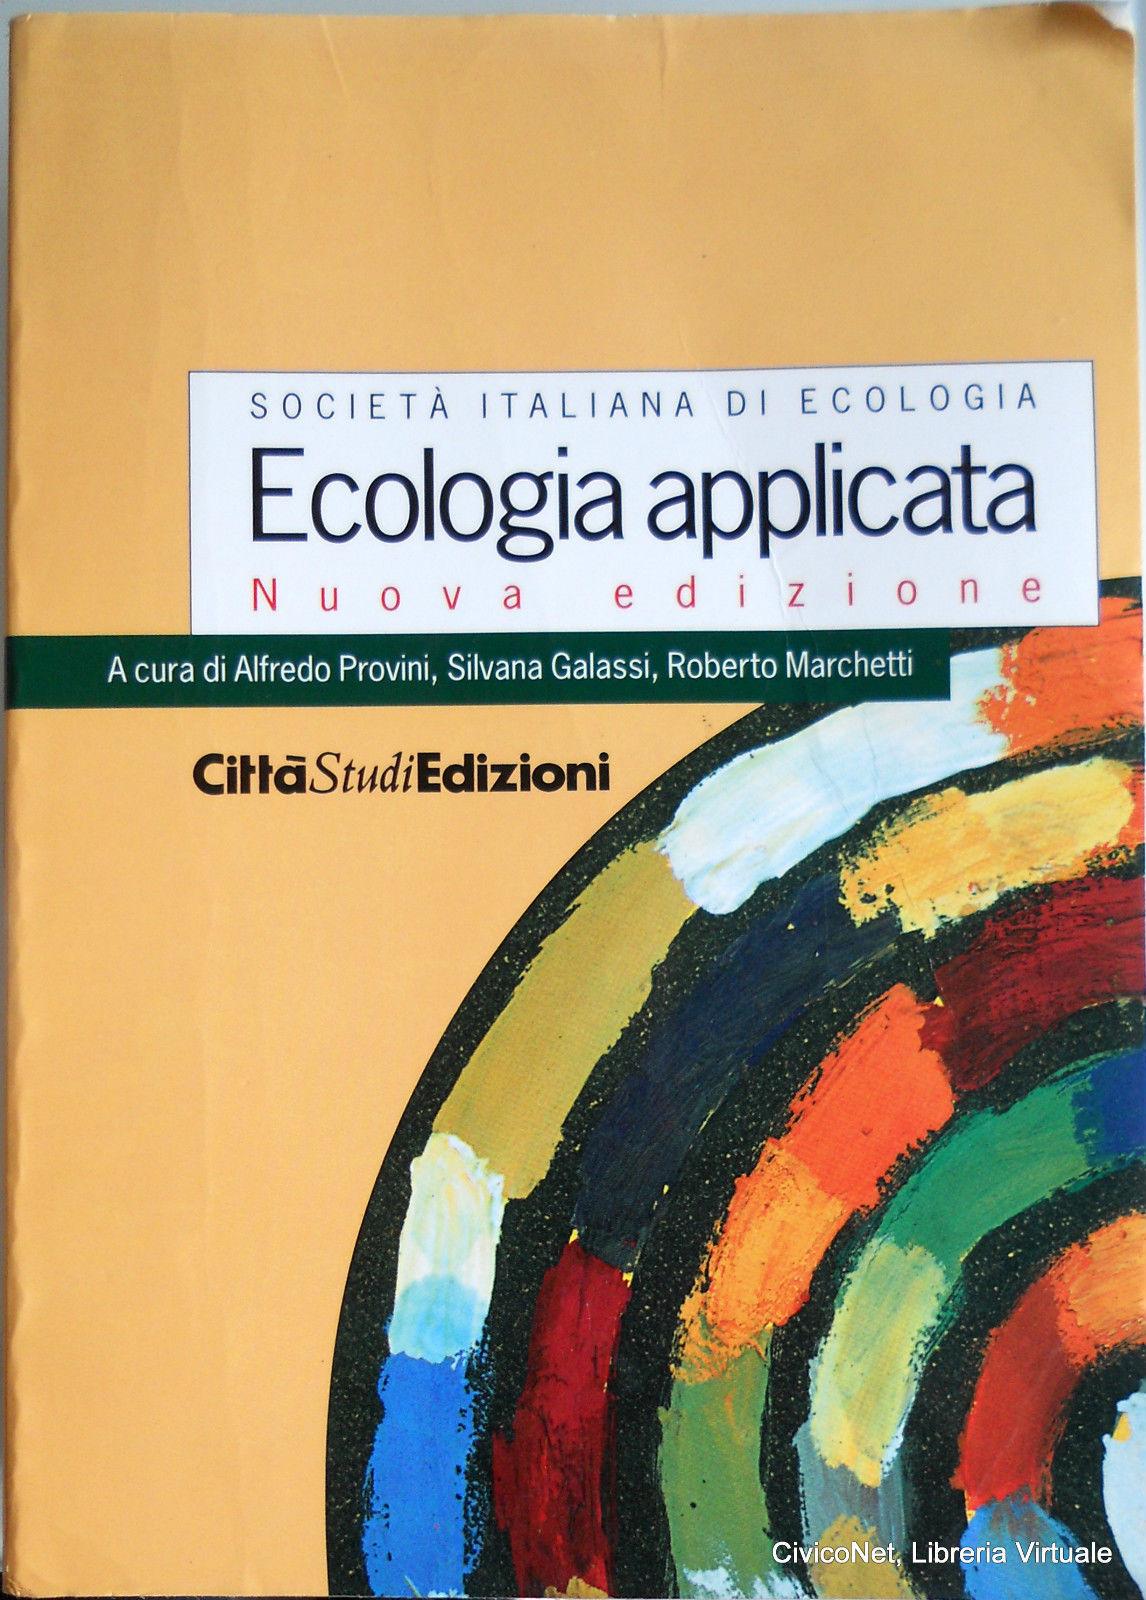 Ecologia applicata. Società italiana di ecologia. A cura di Alfredo Provini, Silvana Galassi e Roberto Marchetti